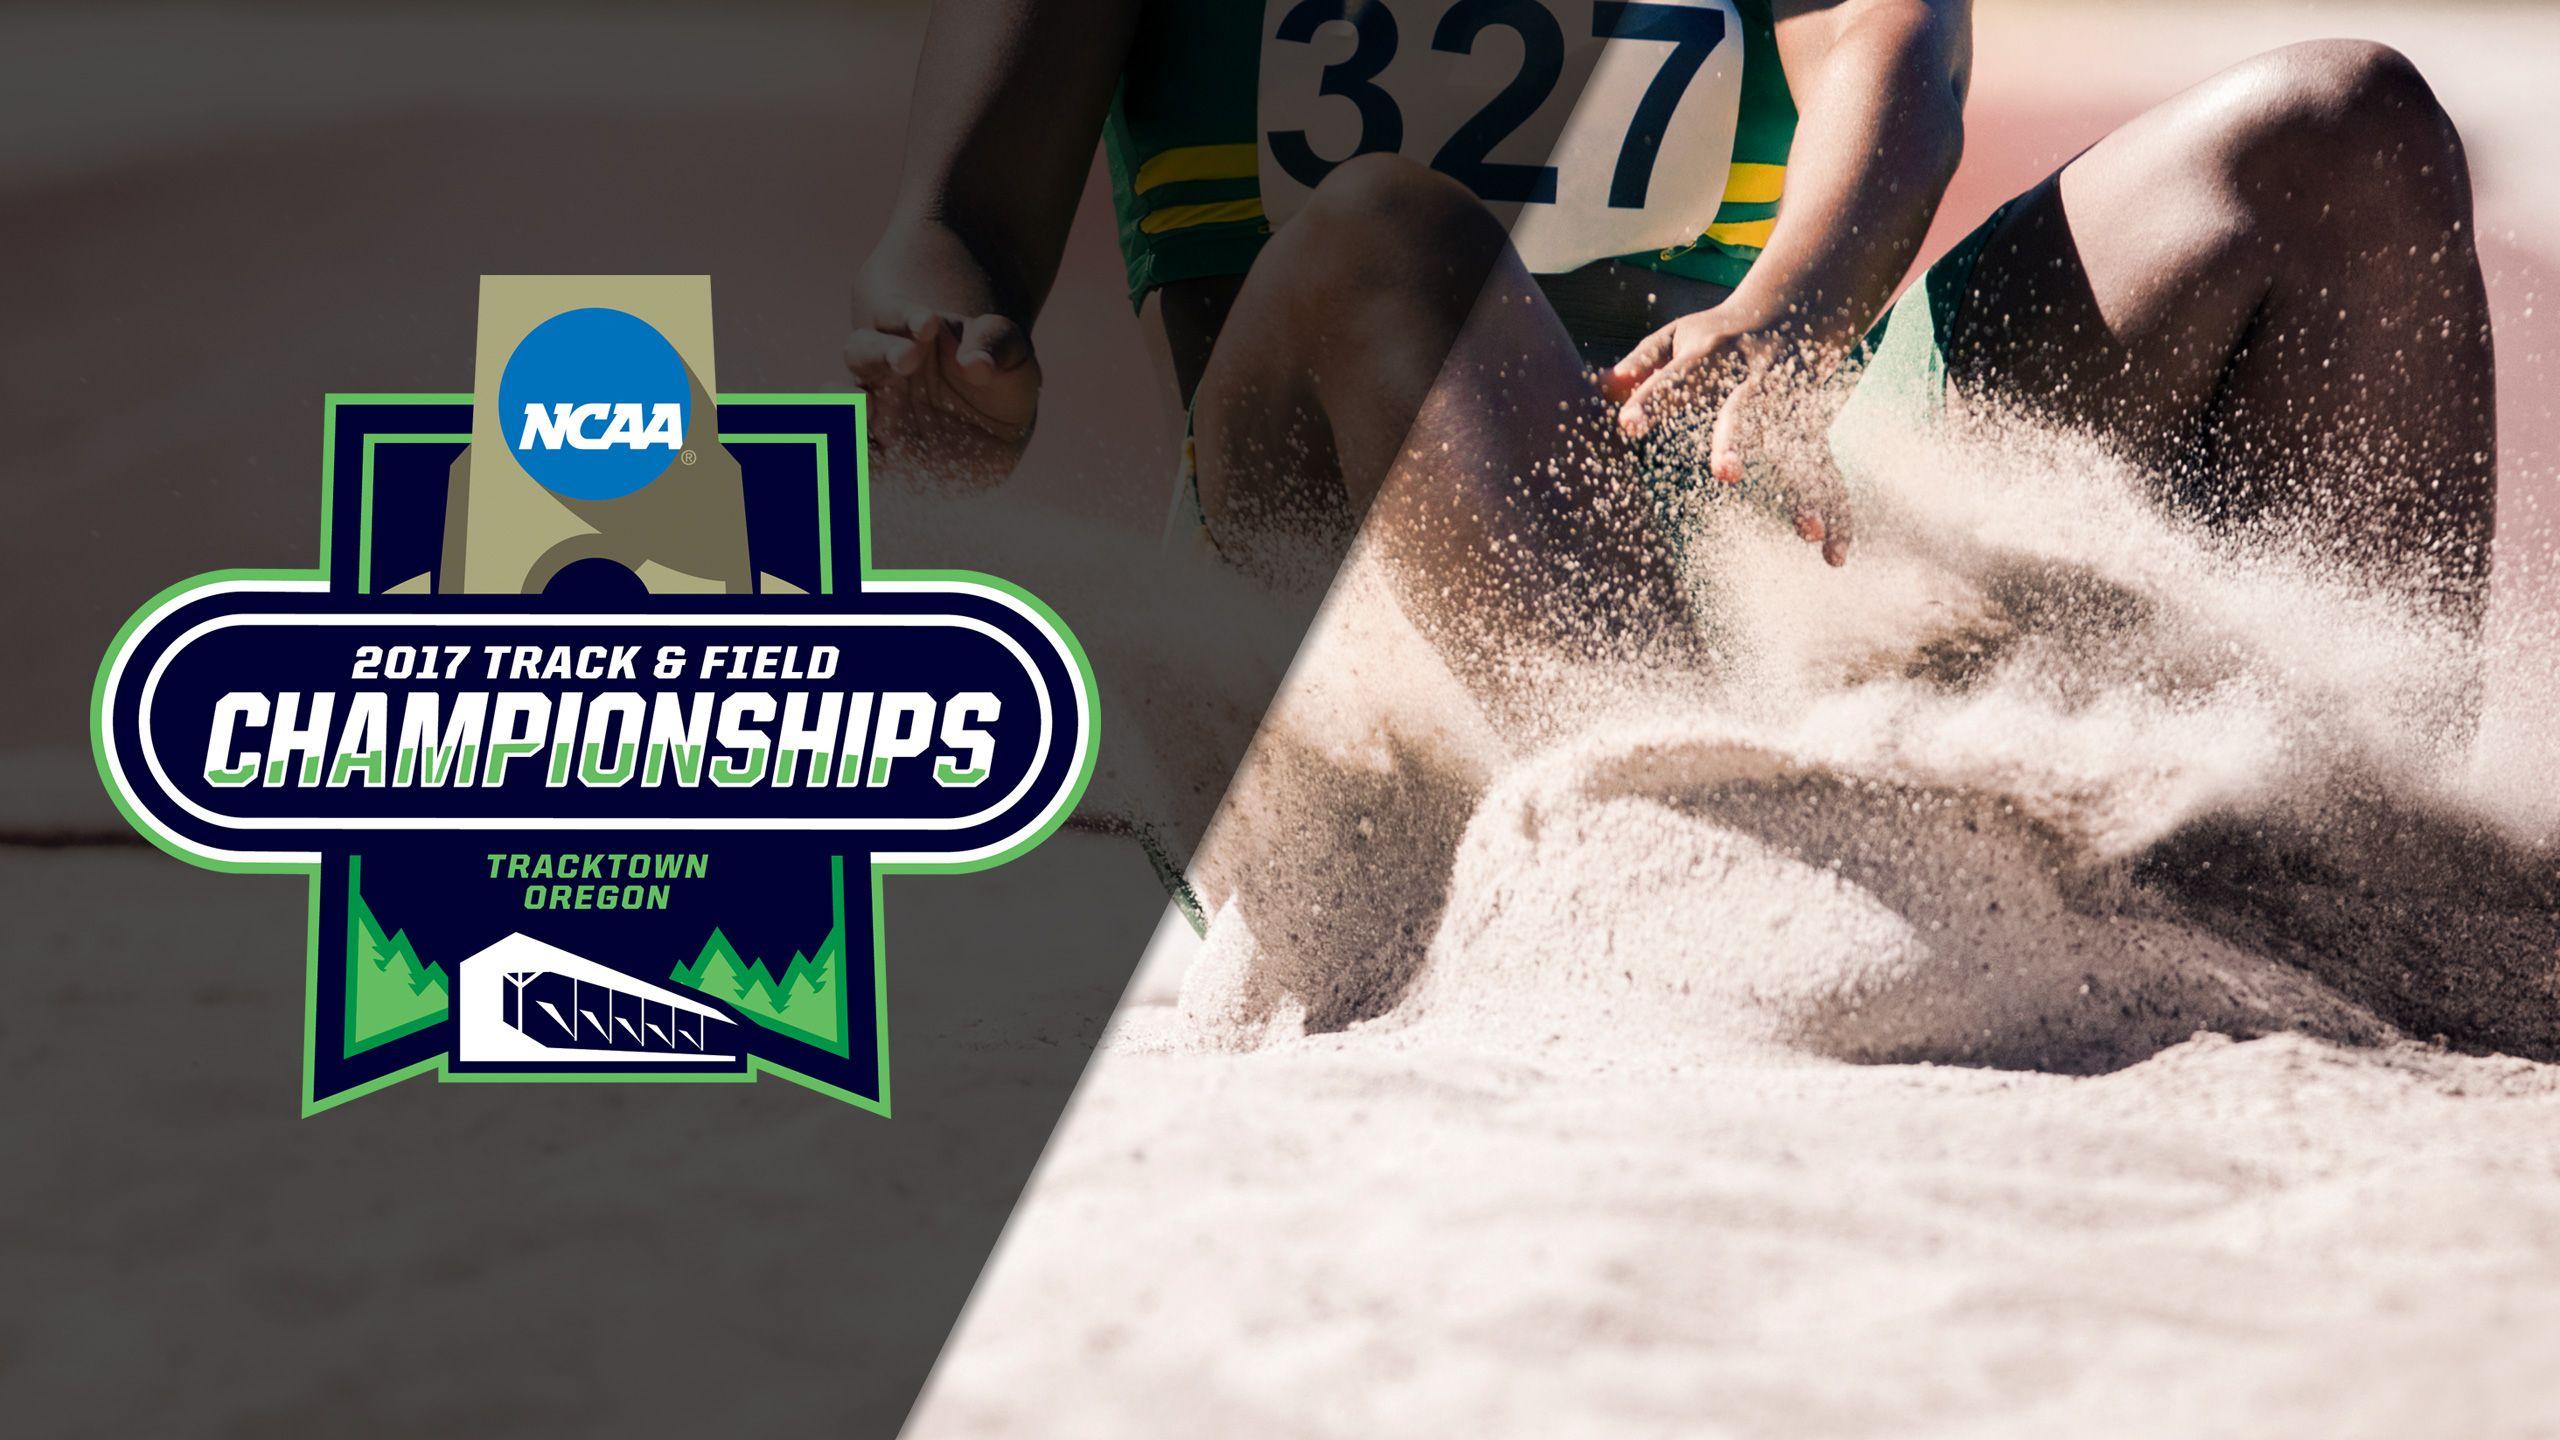 NCAA Track & Field Outdoor Championships - Heptathlon: Long Jump (Flight 1)